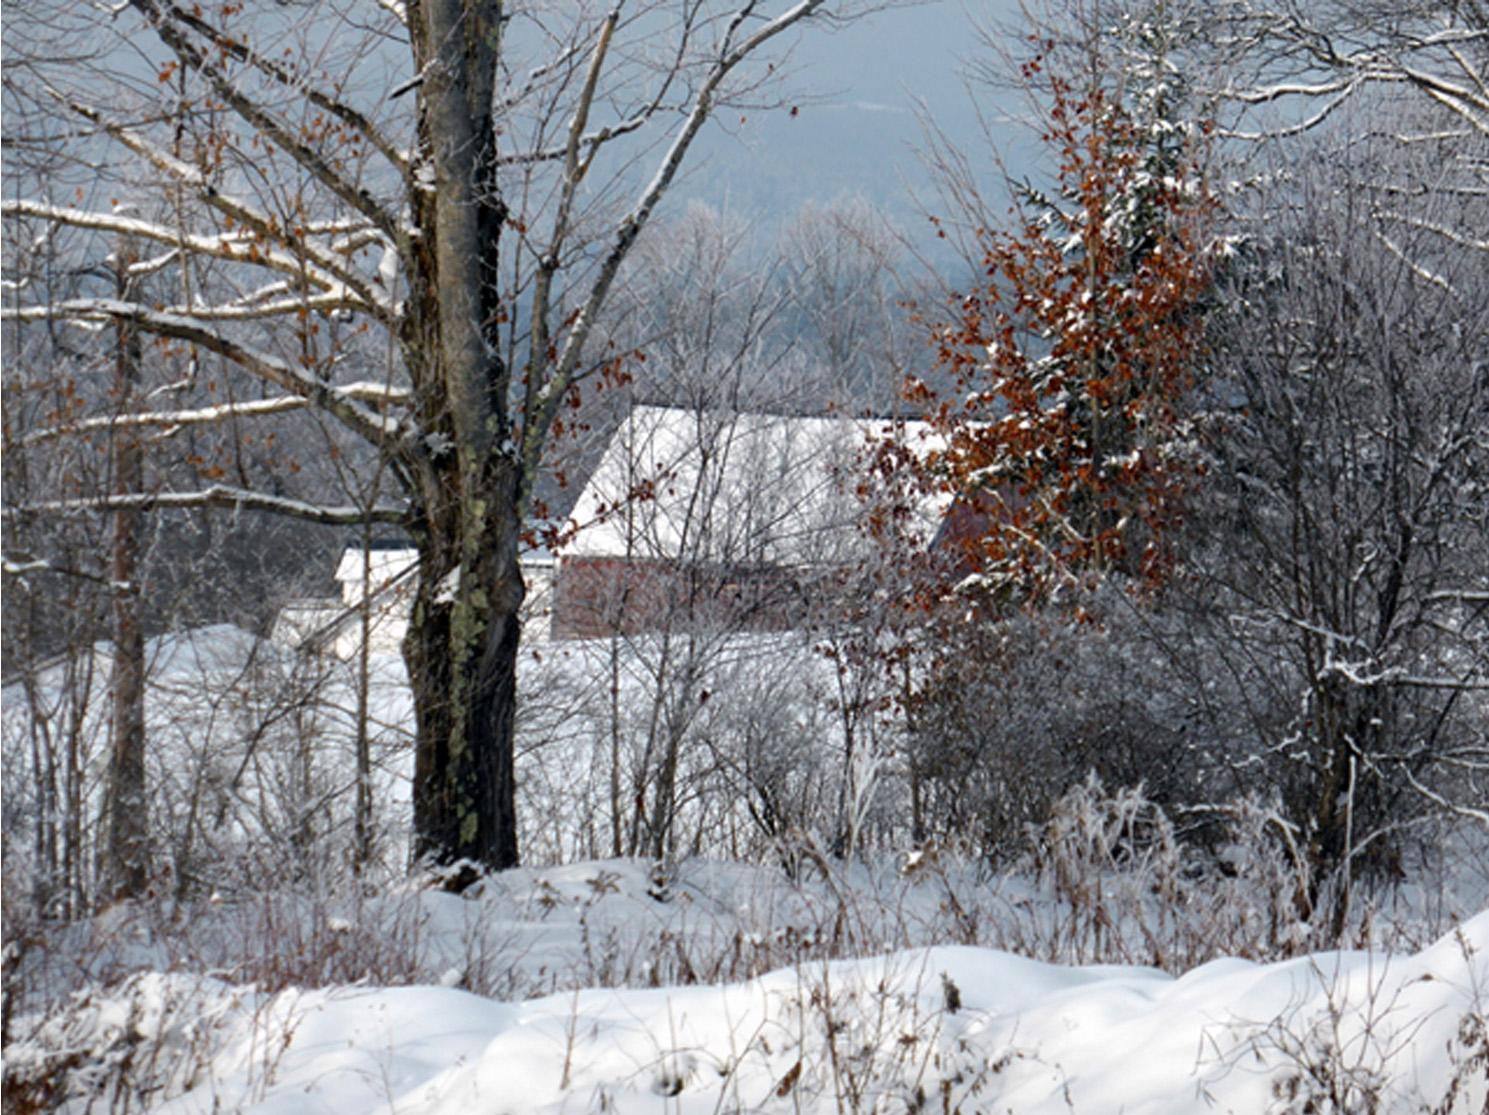 Sandy Kamins_Winter_Red Leaves_Barn.jpg